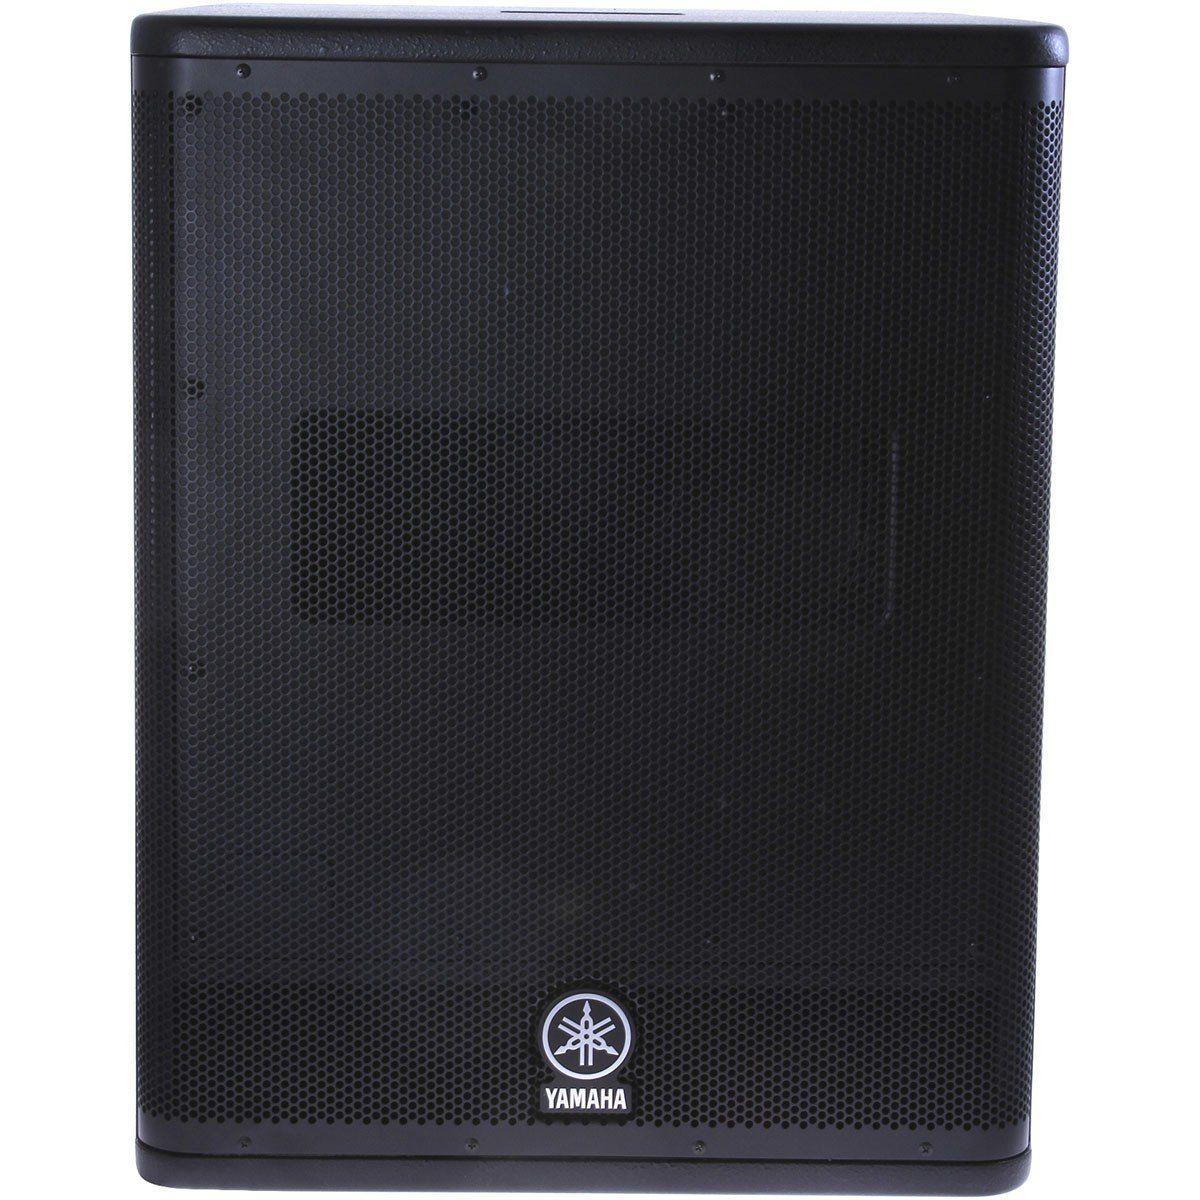 Yamaha DXS15 Caixa de Som DXS-15 Subwoofer Ativo 950W Grave Potente com Profundidade